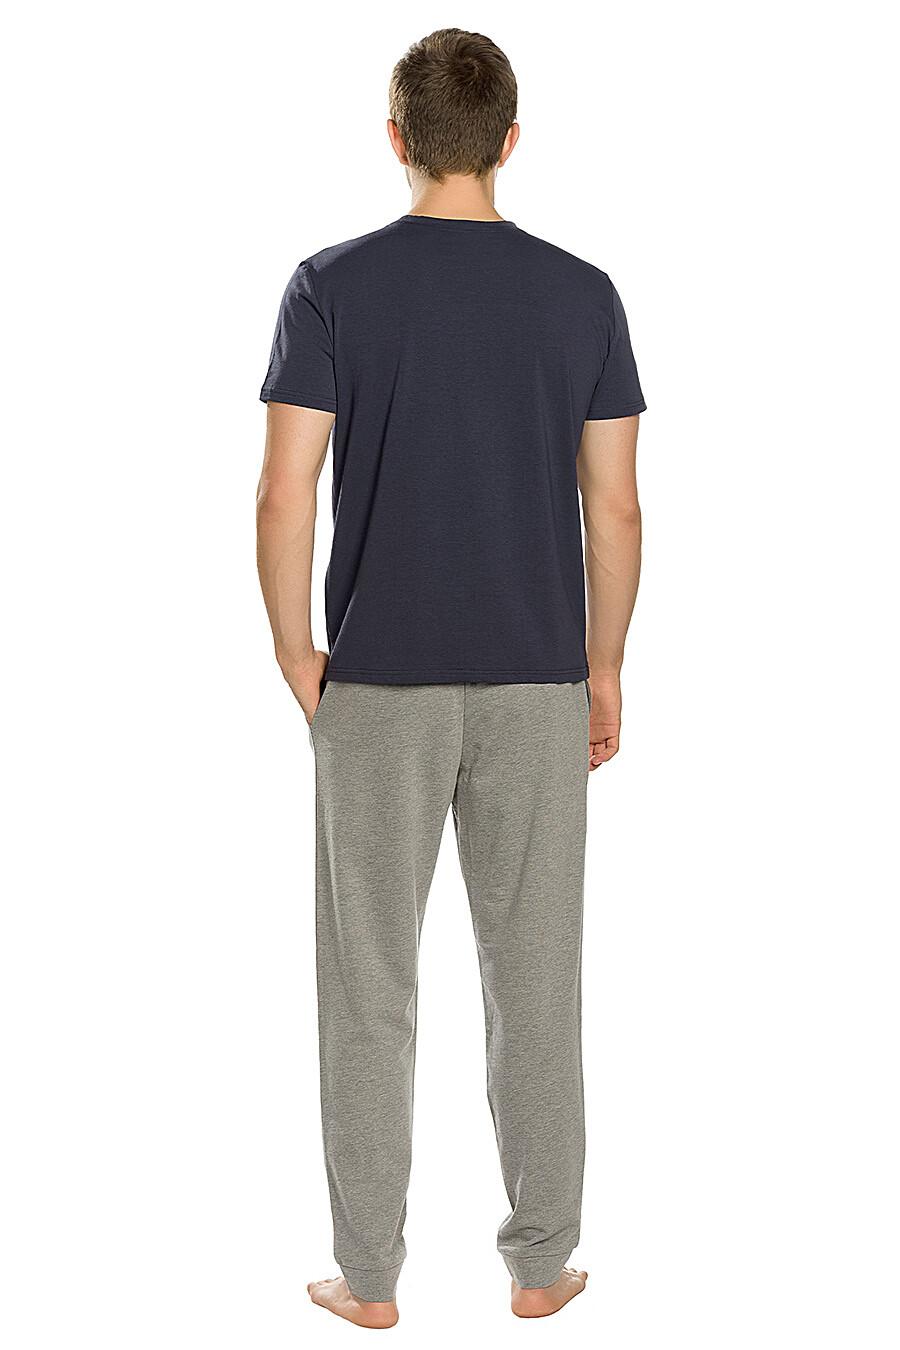 Комплект для мужчин PELICAN 161377 купить оптом от производителя. Совместная покупка мужской одежды в OptMoyo